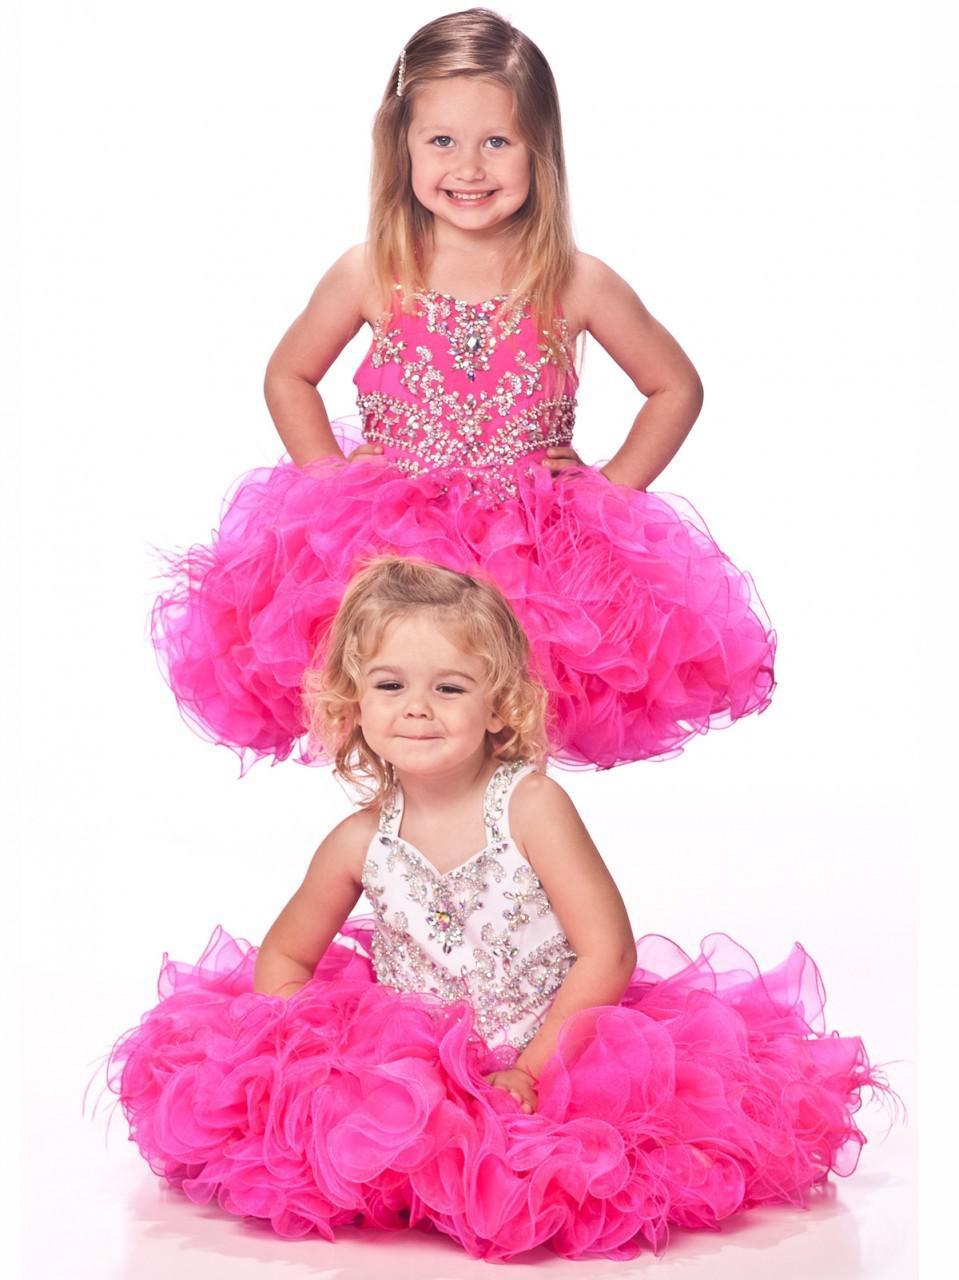 2019 New Halter Bling Abiti da spettacolo bambina Abito da ballo Glitz Appliques di organza a buon mercato Perline di cristallo abiti da desfile de niñas